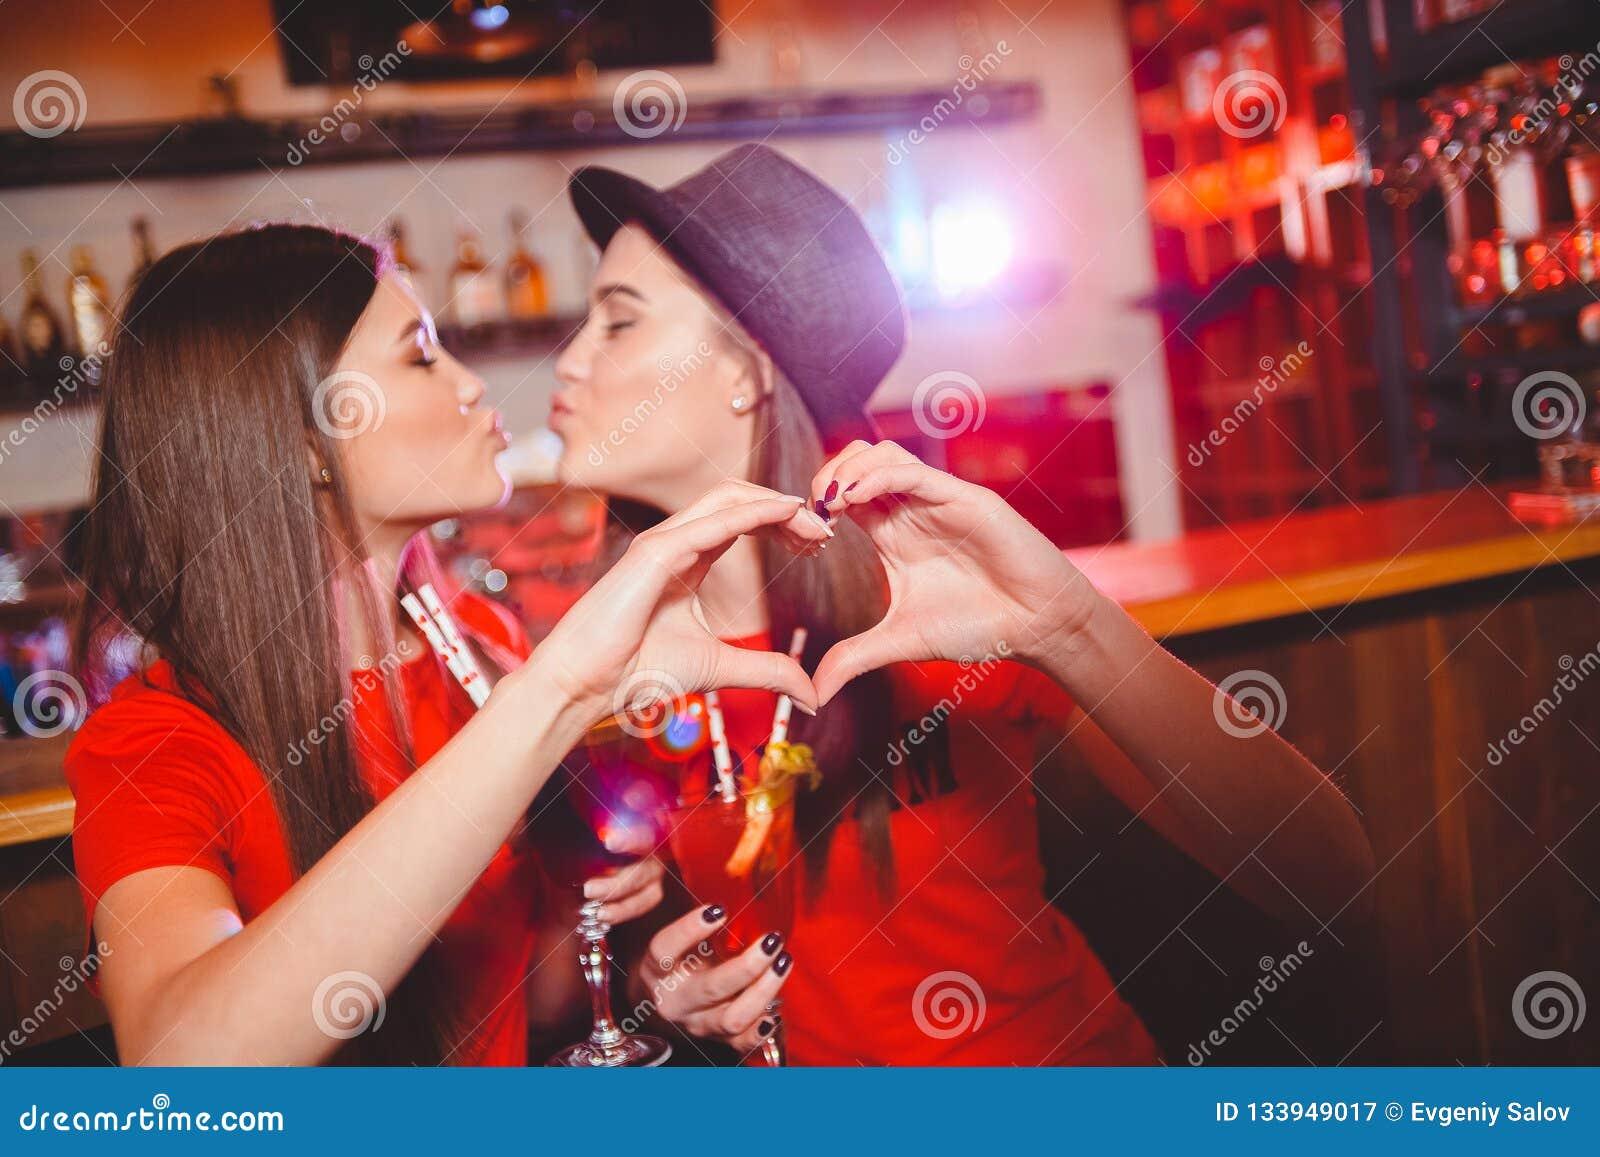 Mia Malkova Lesbian Kissing